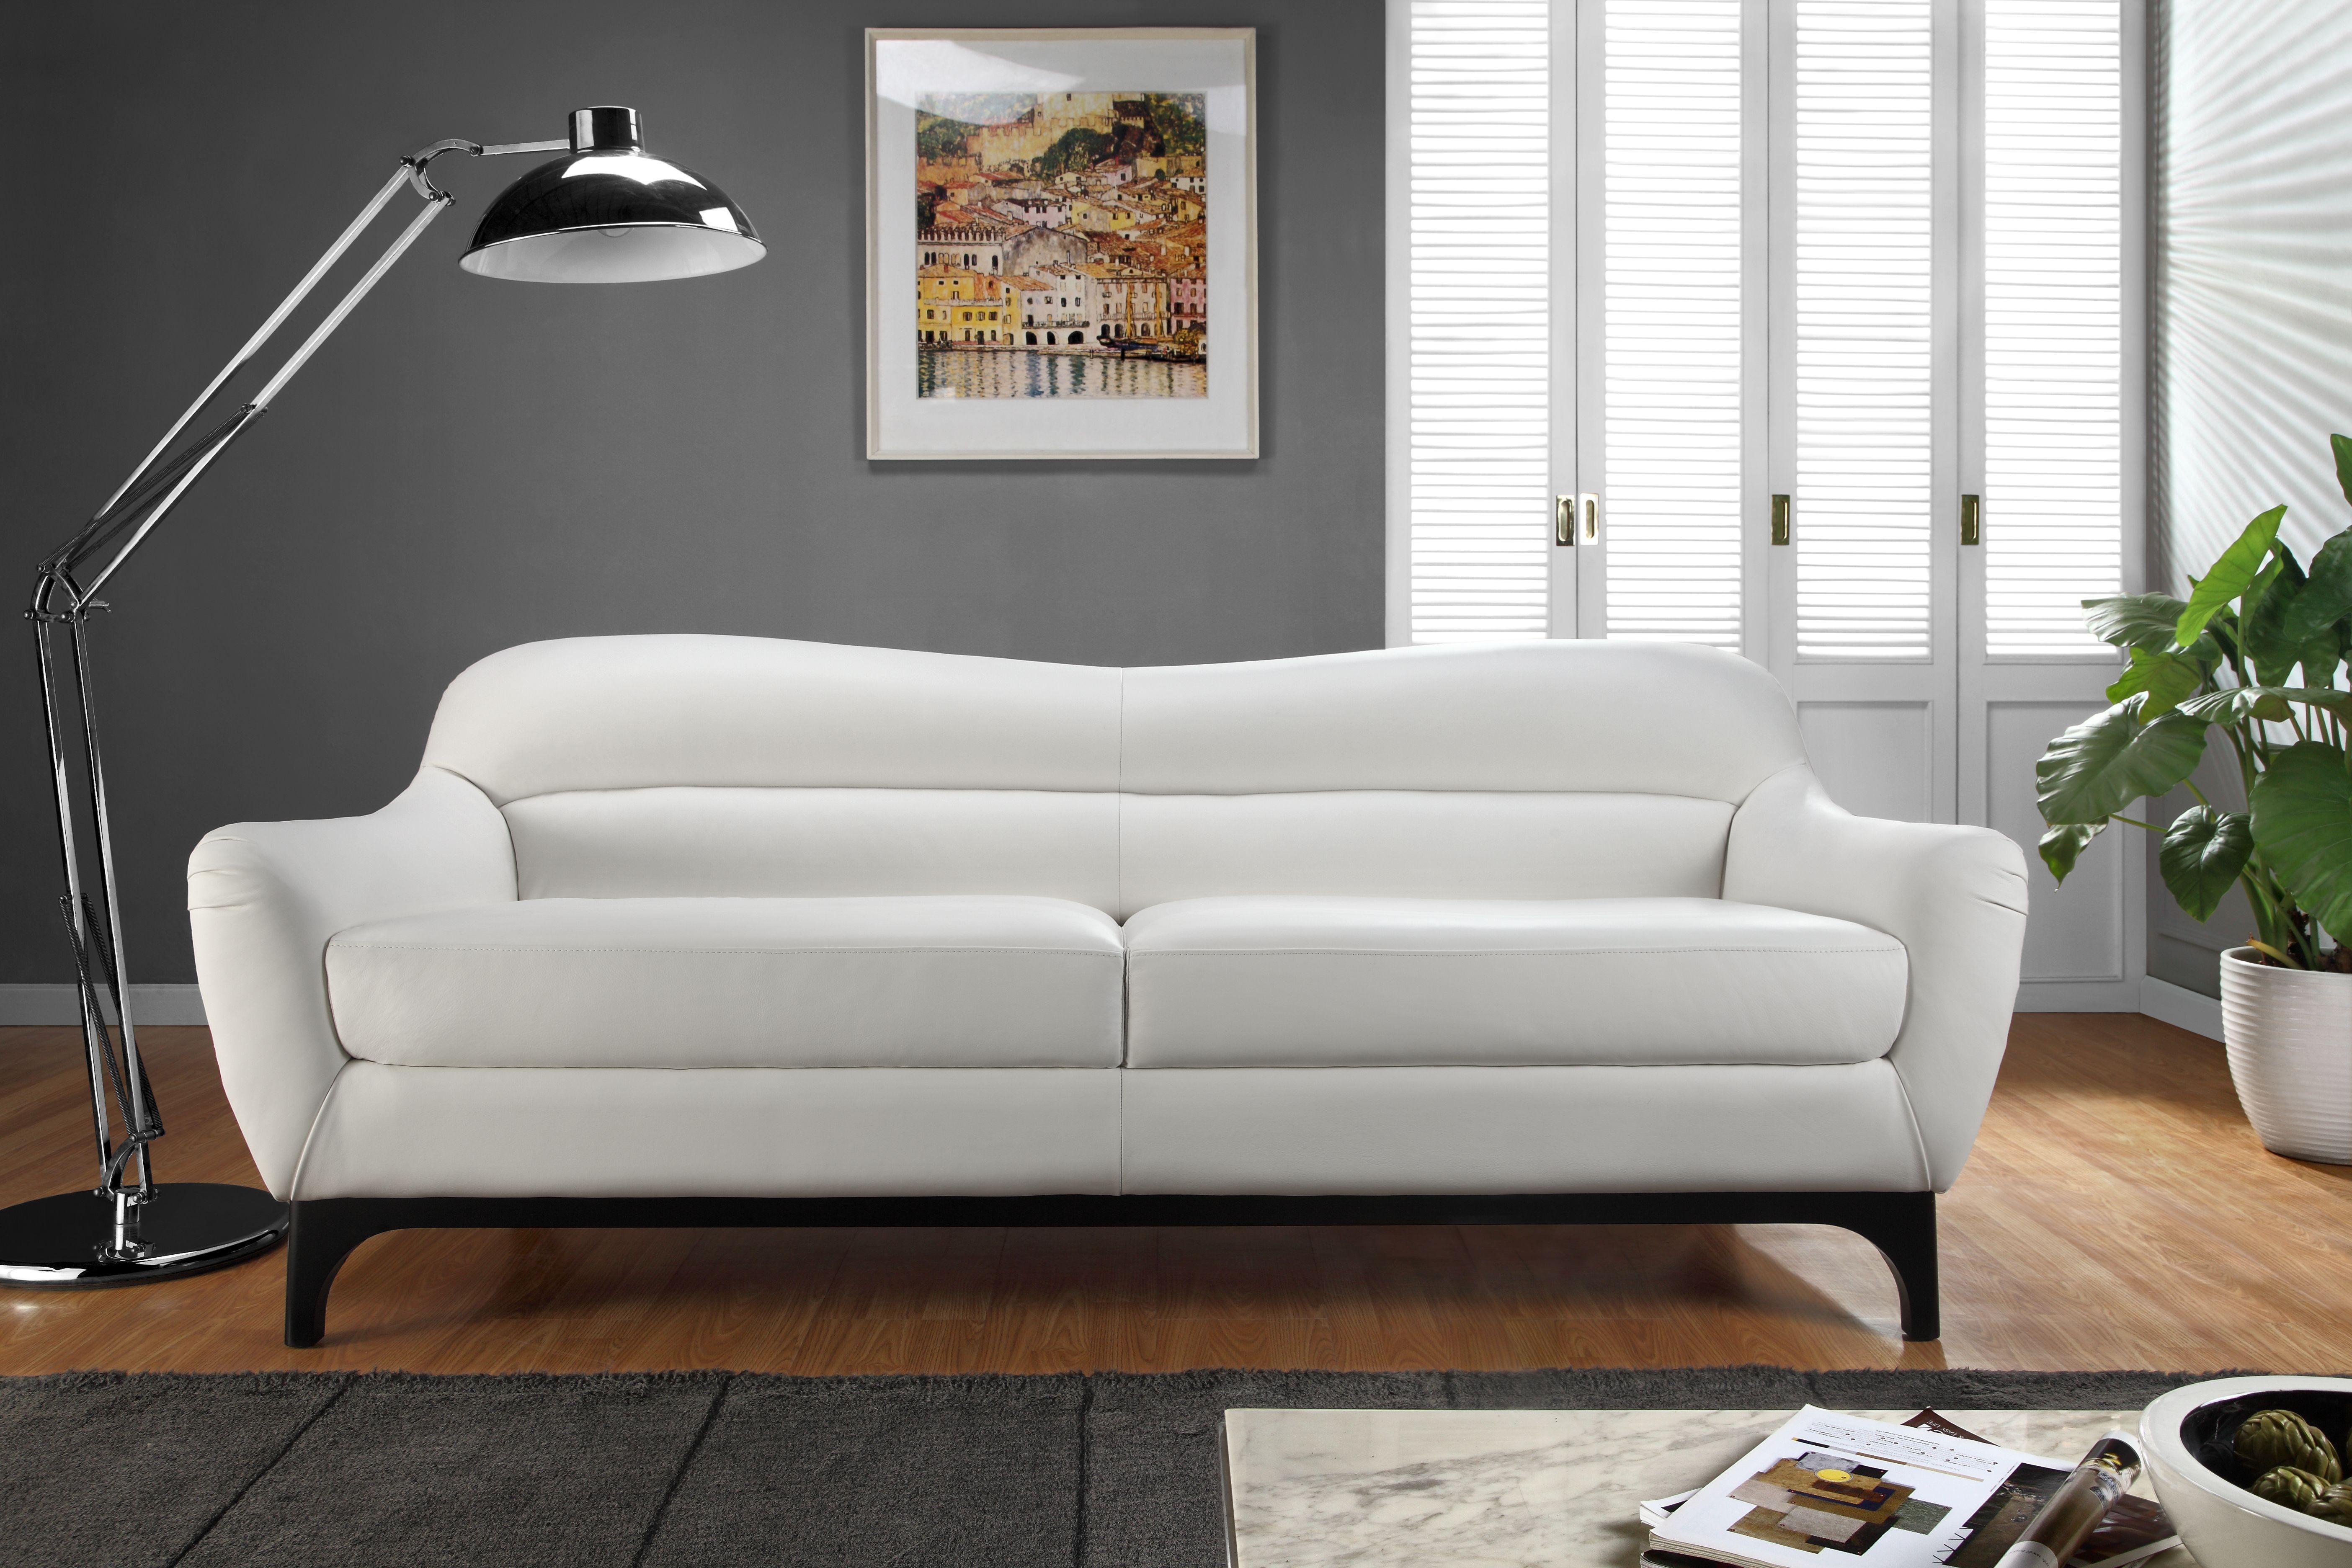 Wollo Pure White Top Grain Leather Sofa